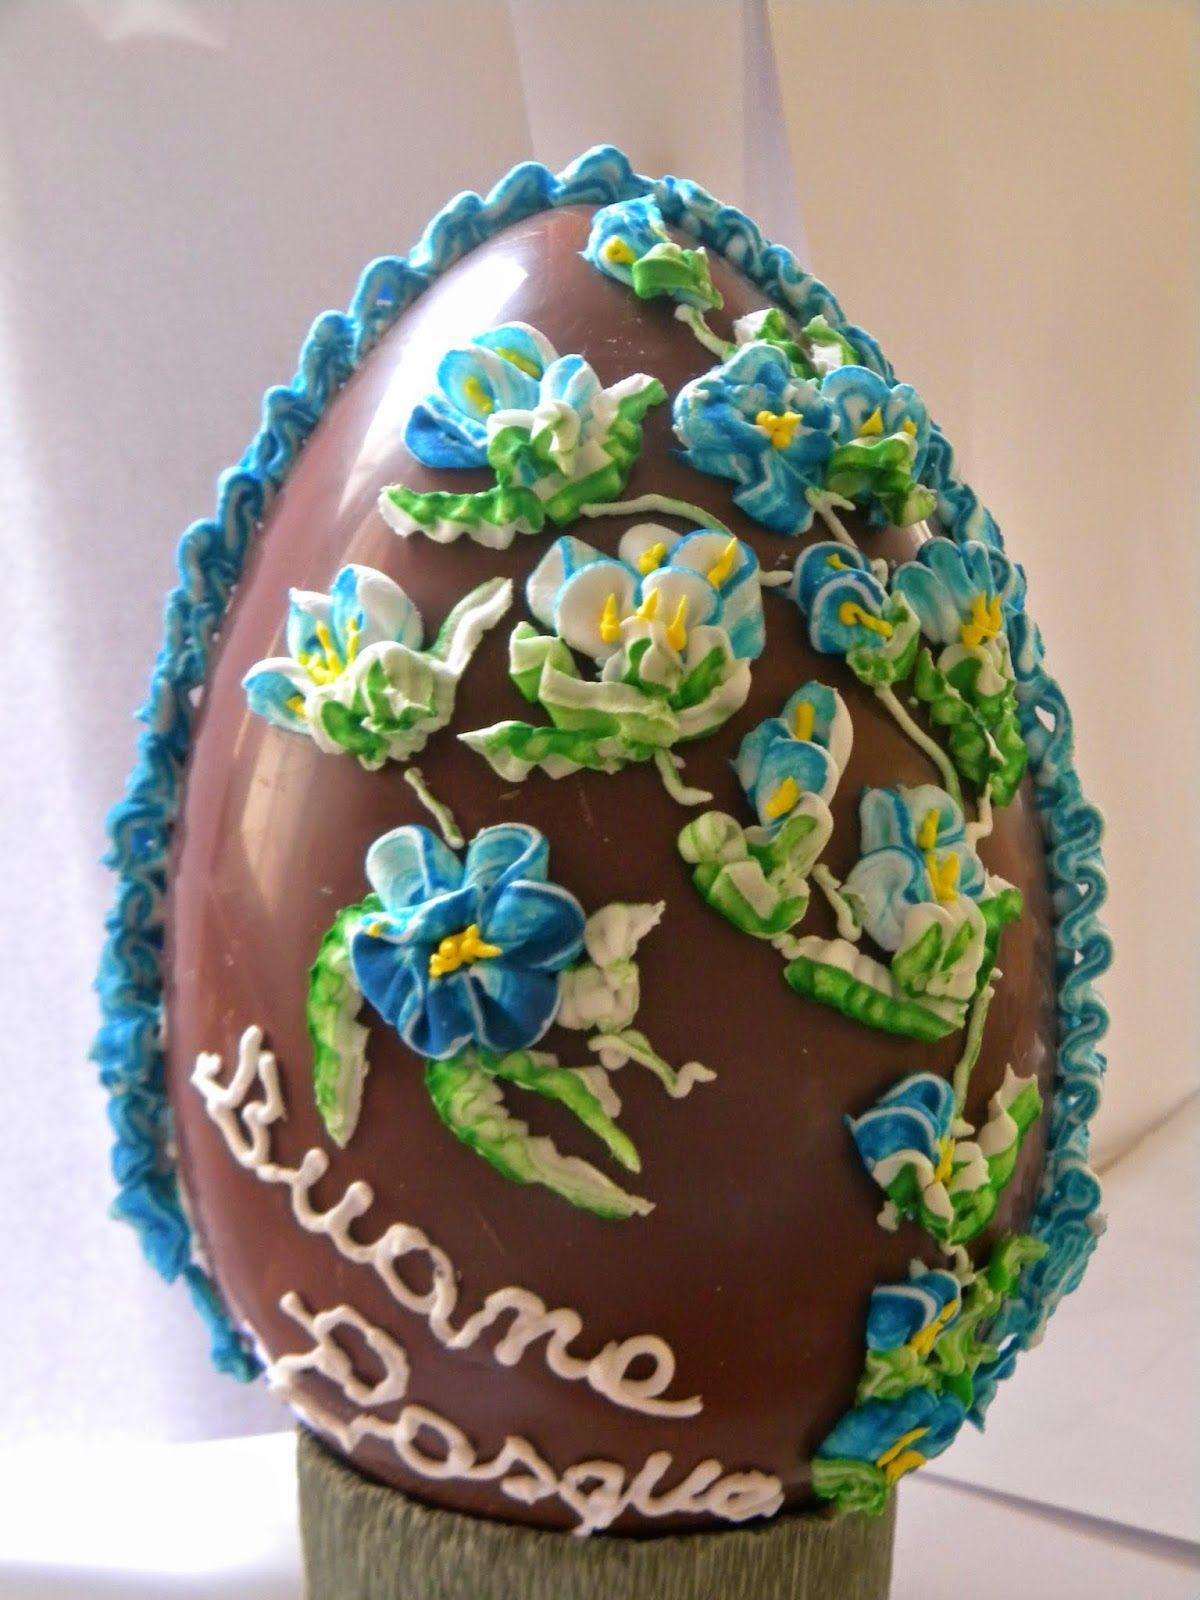 Cuocaeleonora uova di pasqua decorati uova di cioccolato decorati cake desserts food - Uova di pasqua decorati a mano ...